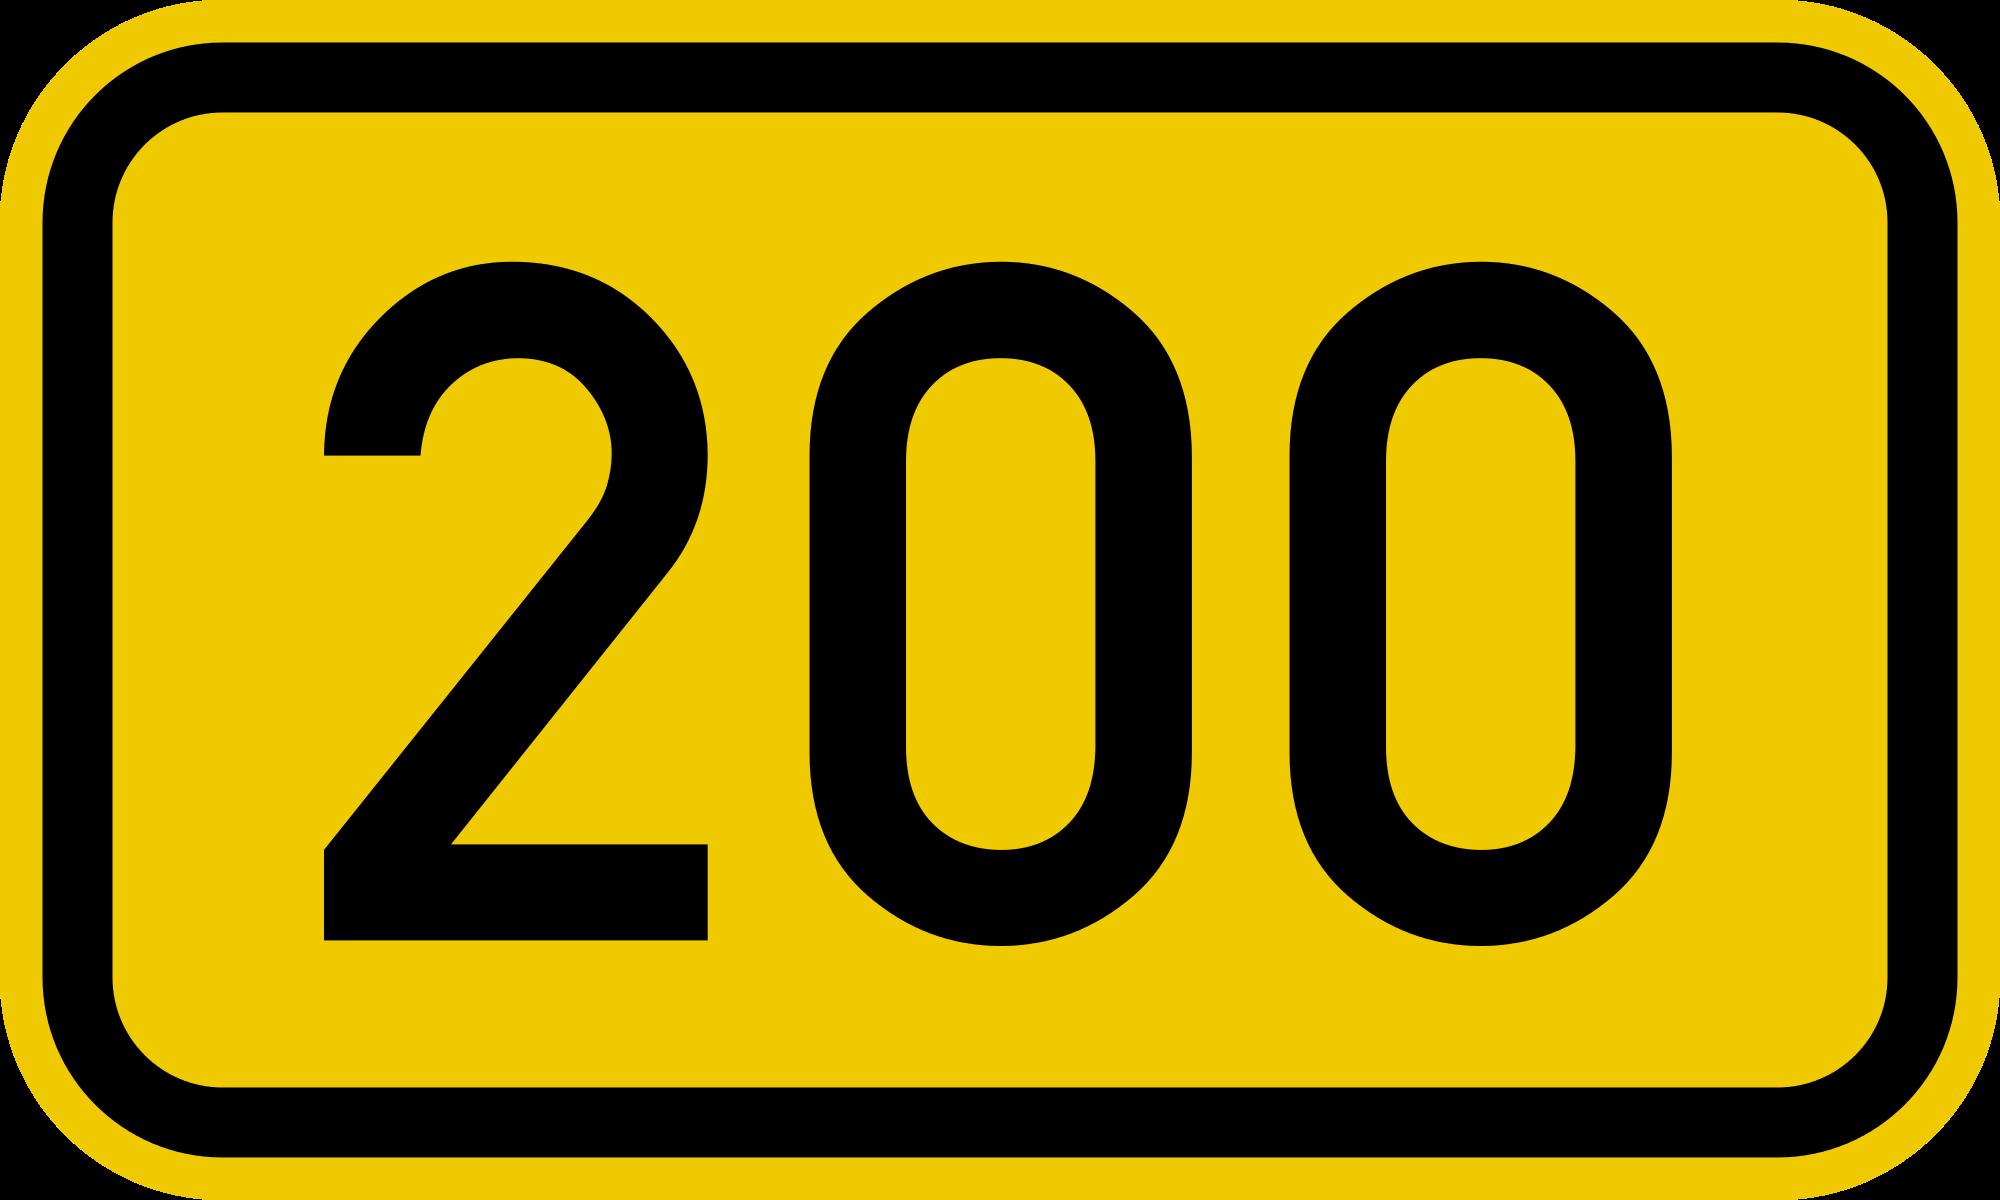 Bundesstraße_200_number.svg.